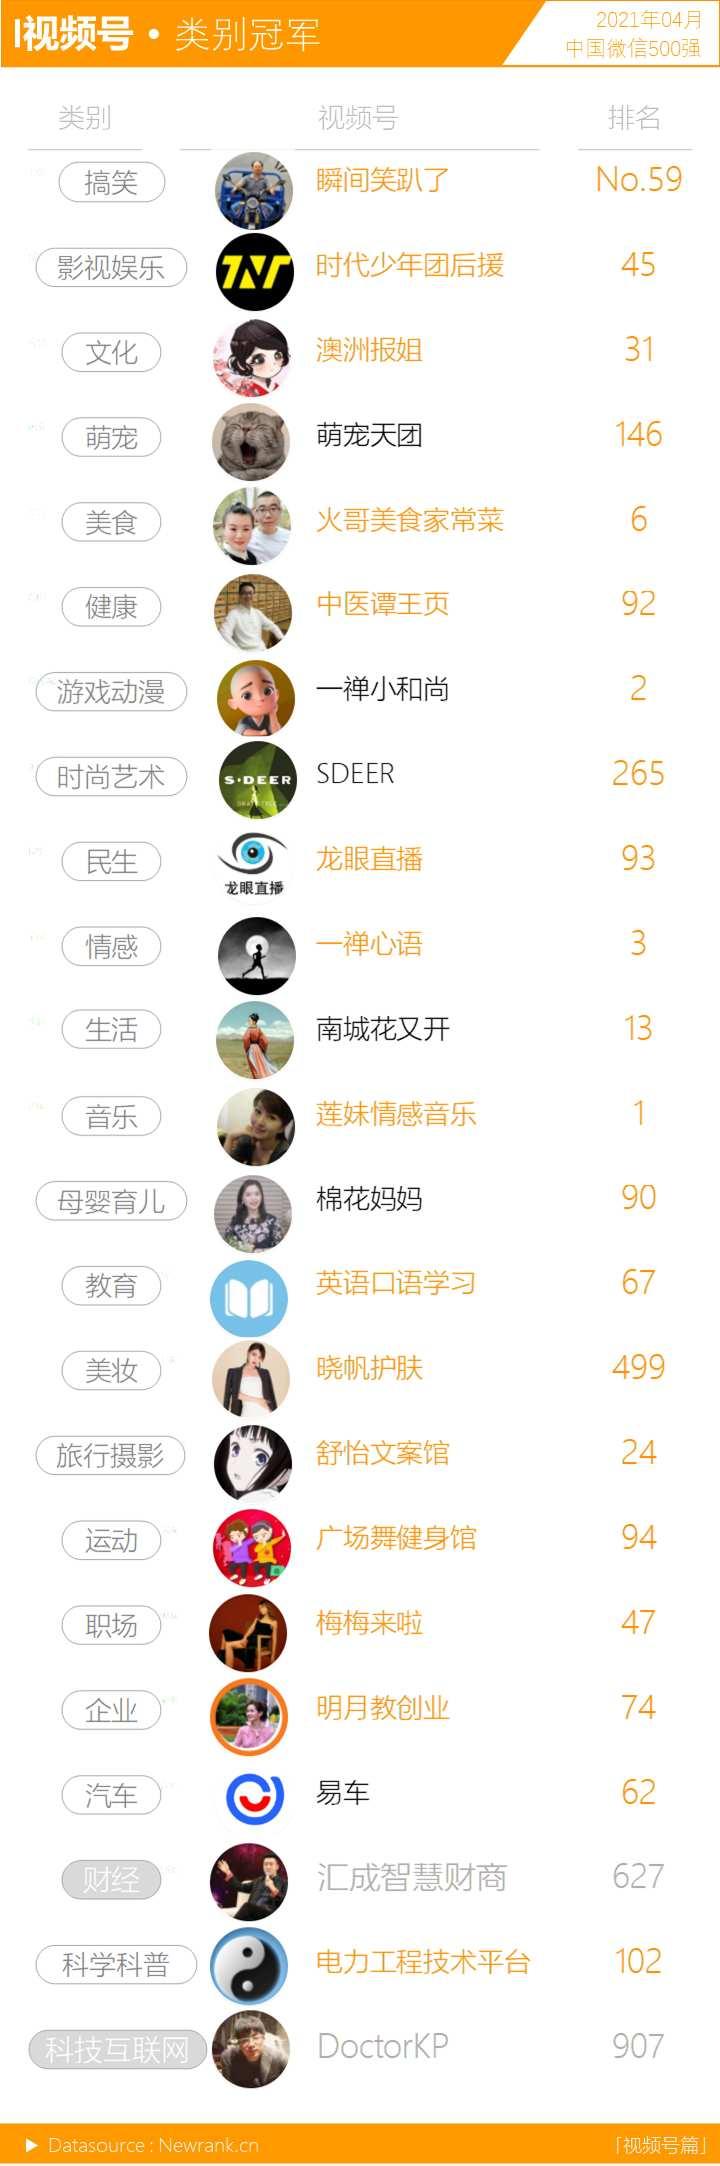 音乐<a href='https://www.zhouxiaohui.cn'><a href='https://www.zhouxiaohui.cn/duanshipin/'>视频号</a></a>呈上升之势,十强占位近半   中国微信500强月报(2021.04)-第5张图片-周小辉博客